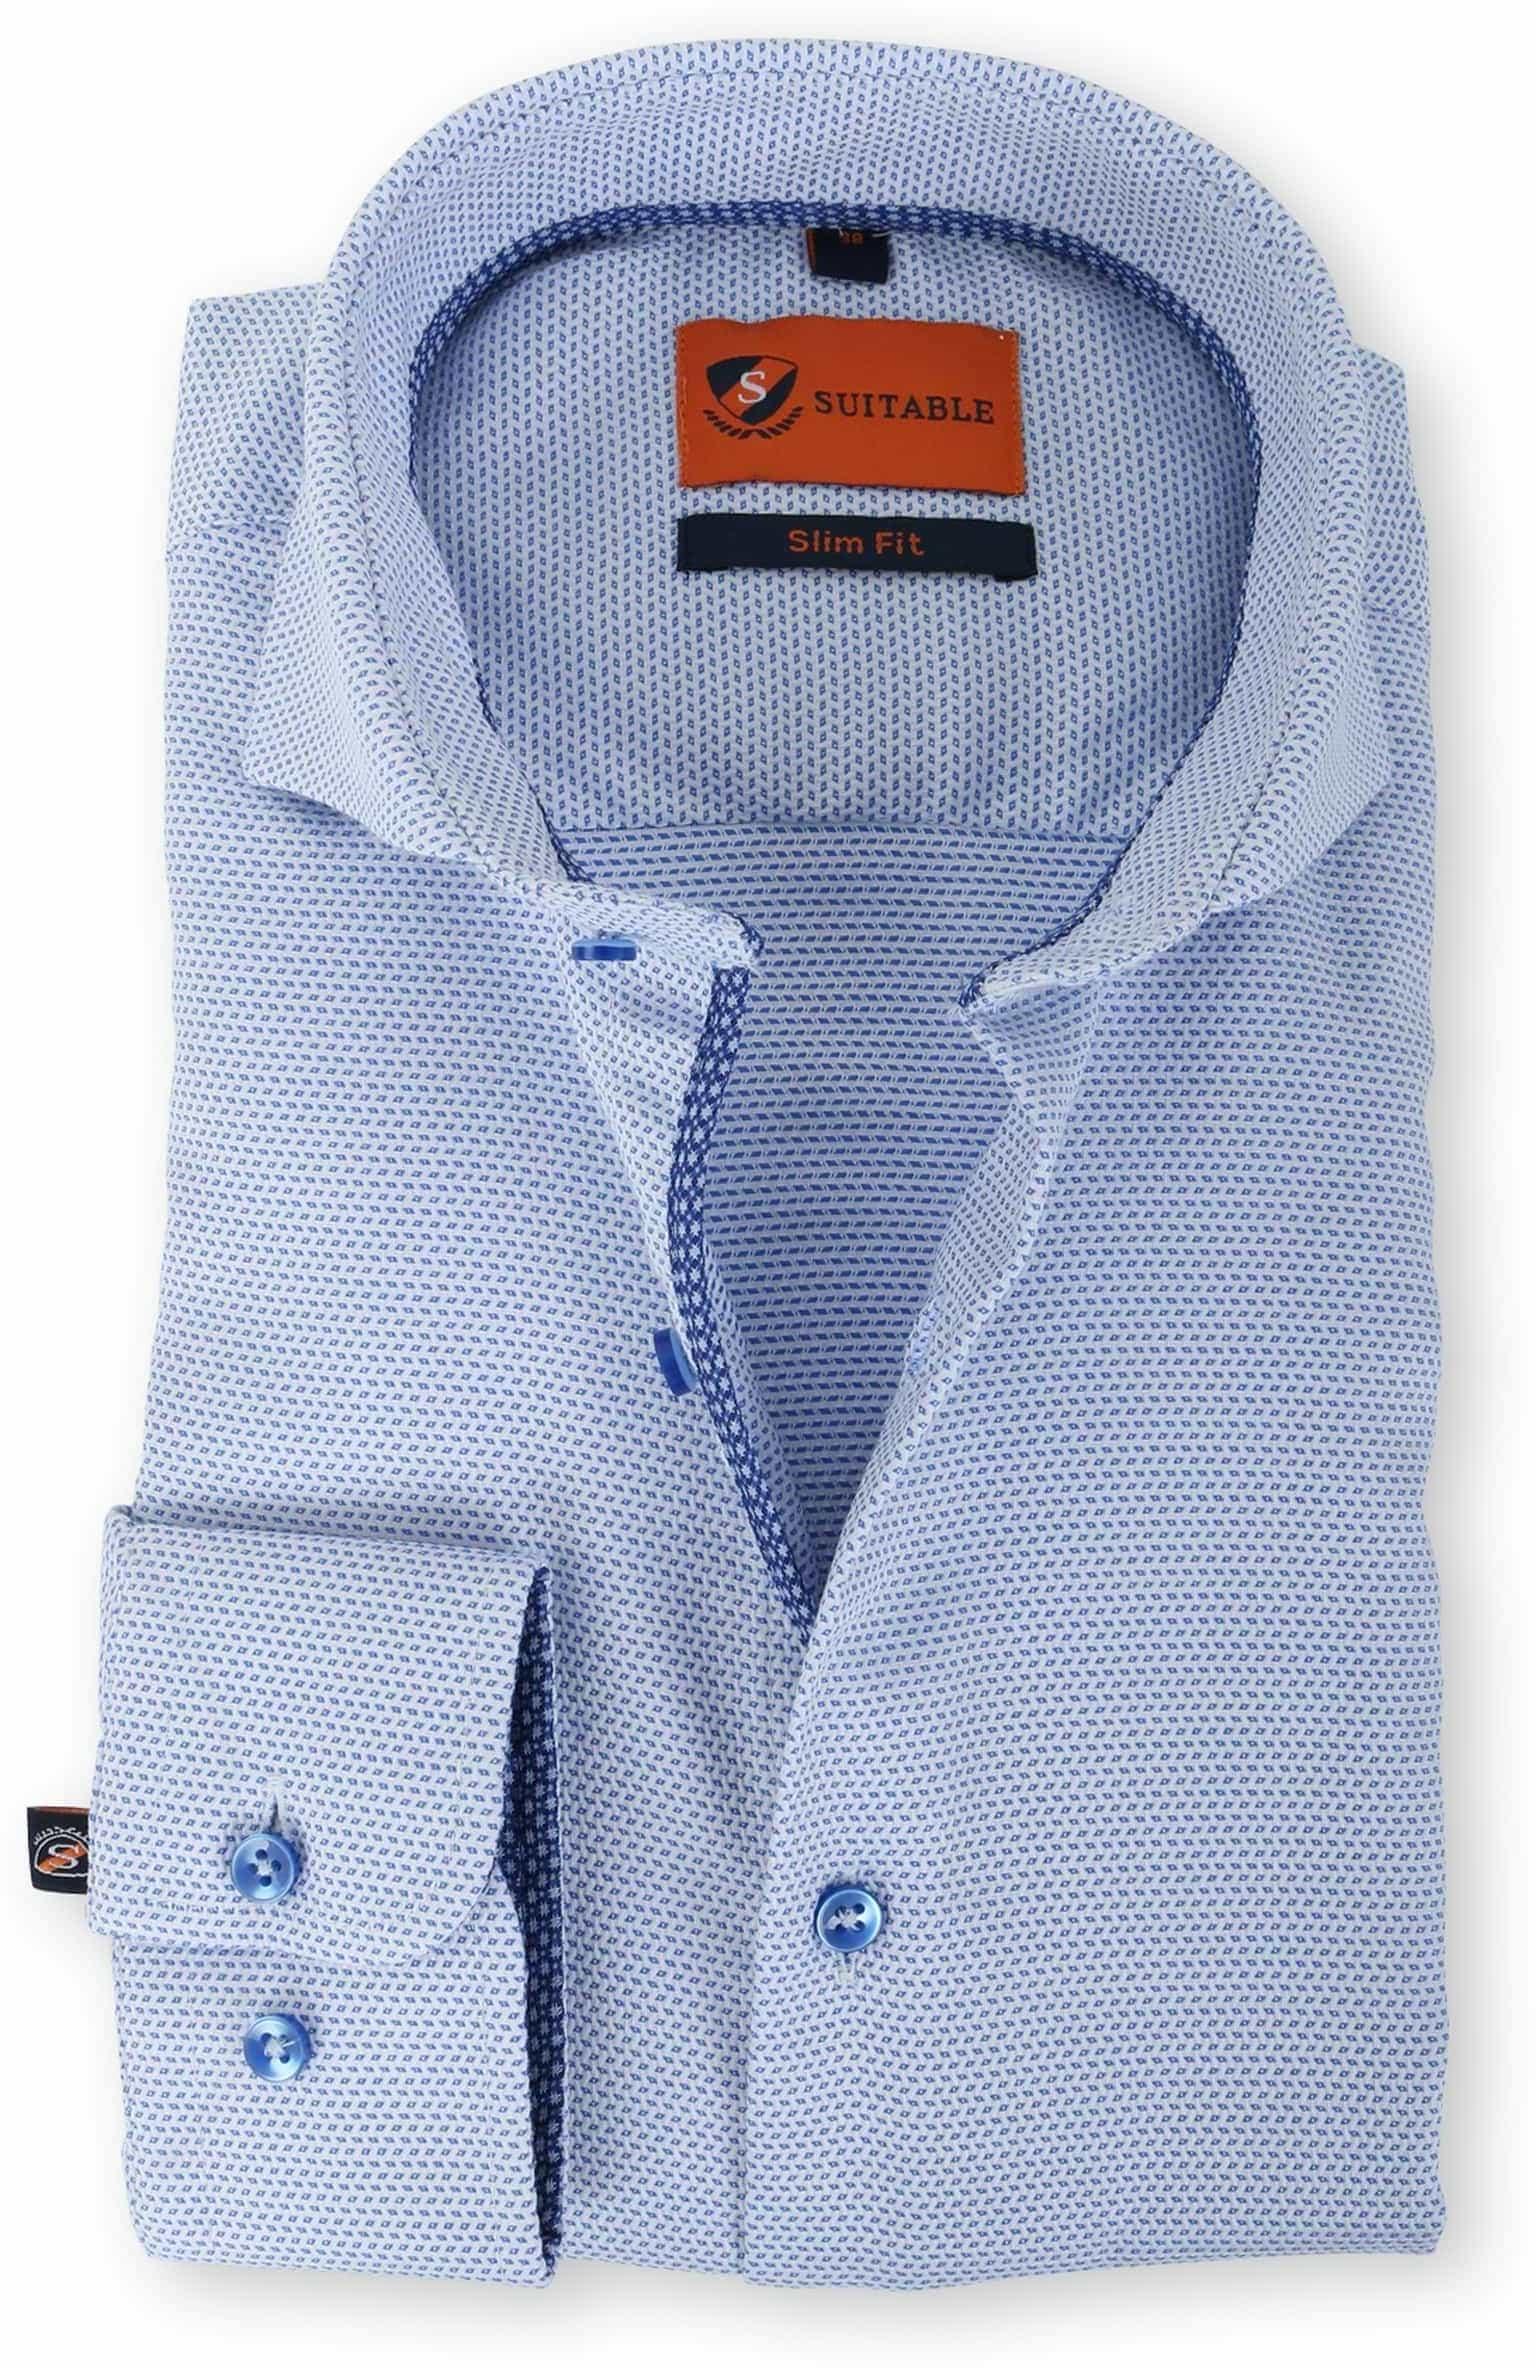 Overhemd Strijkvrij Slim Fit.Suitable Overhemd Strijkvrij Blauw 135 5 Caw No Iron 135 5